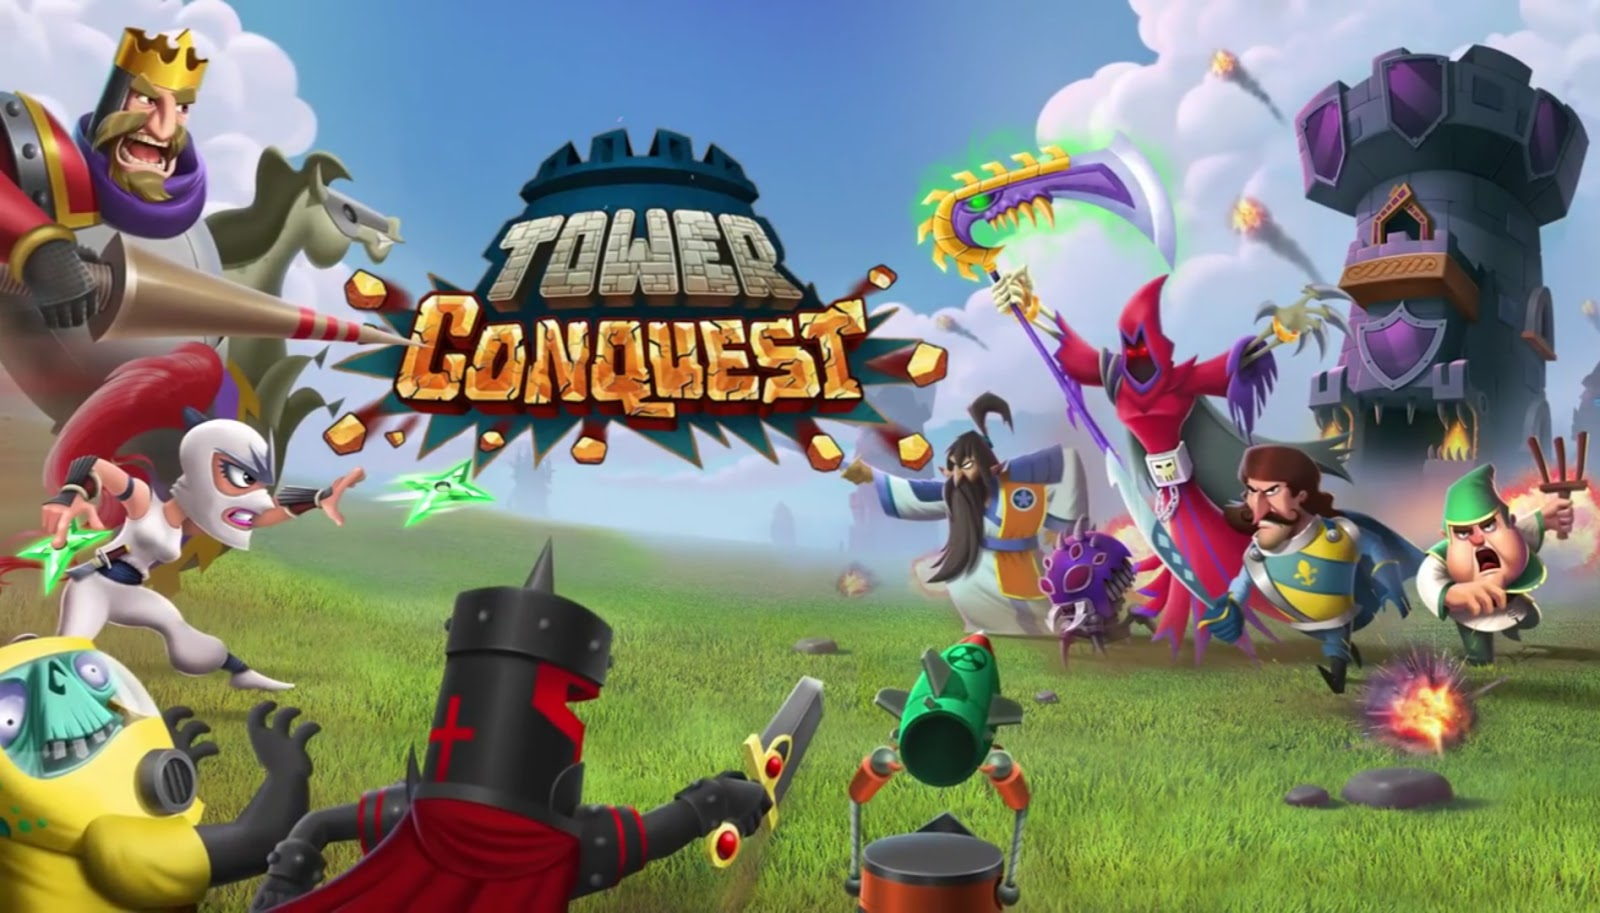 total conquest mod apk offline